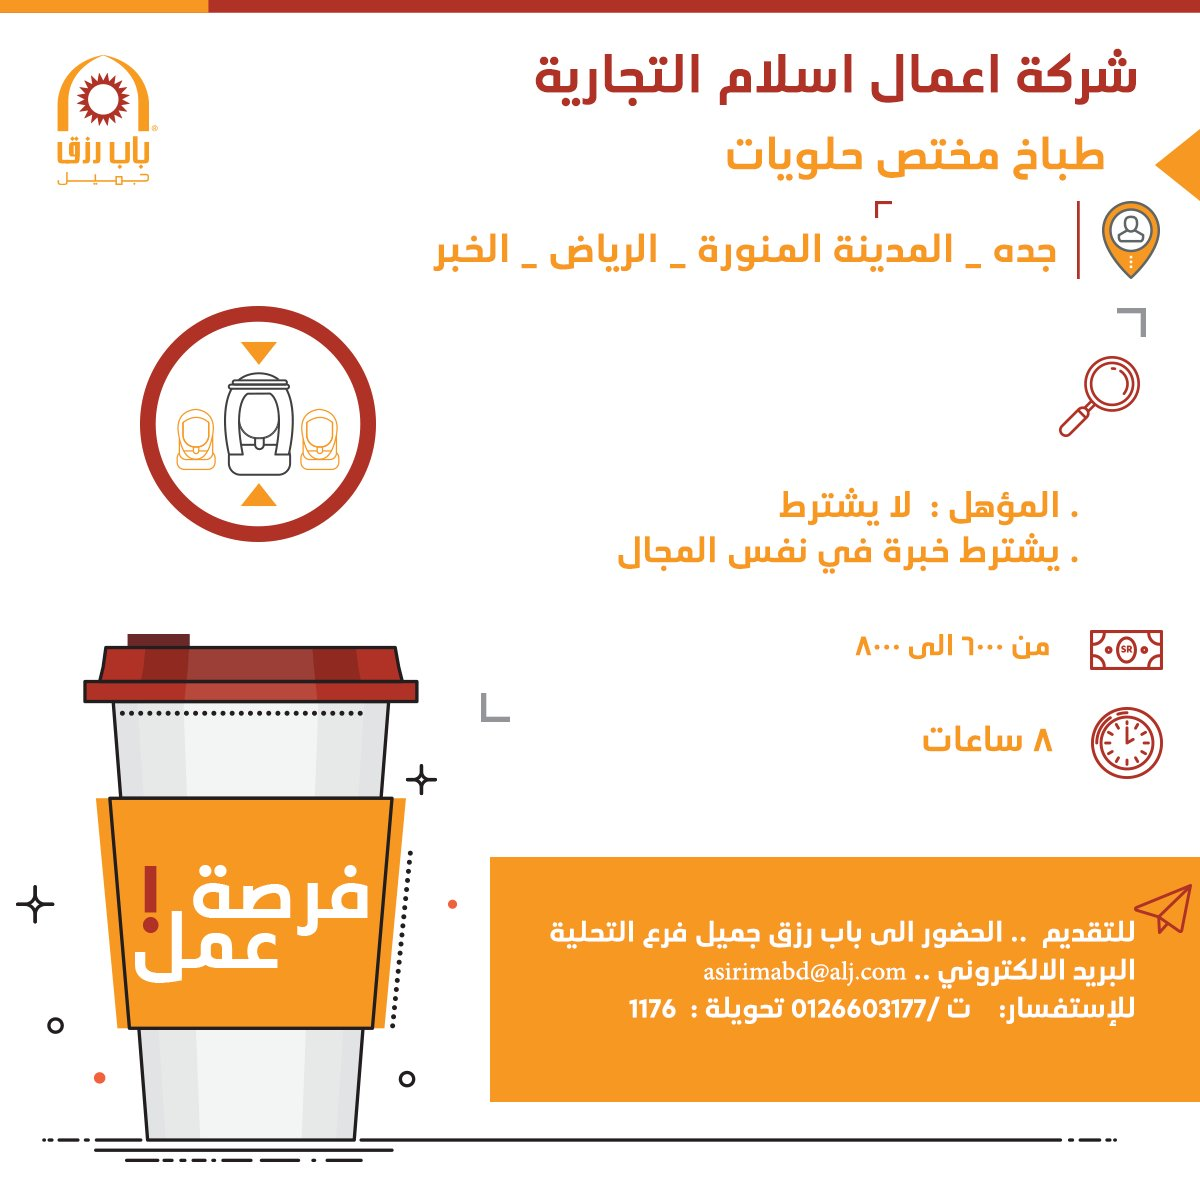 مطلوب طباخ مختص حلويات لشركة اعمال اسلام - عدة مدن